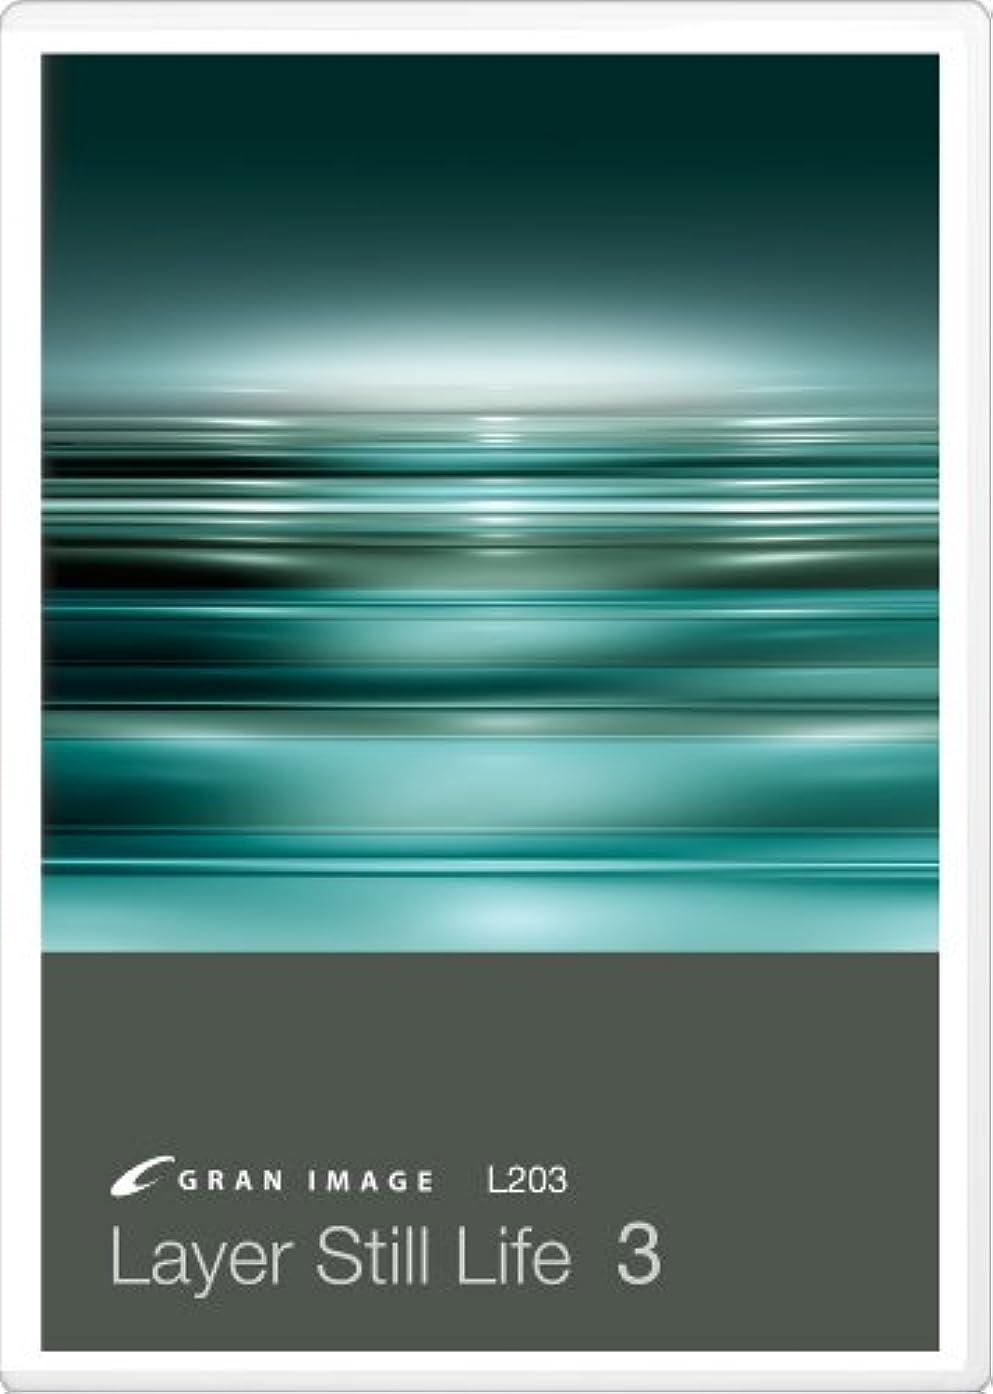 ひらめきコメント水平グランイメージ L203 レイヤースティルライフ 3(ロイヤリティフリーレイヤー素材集)